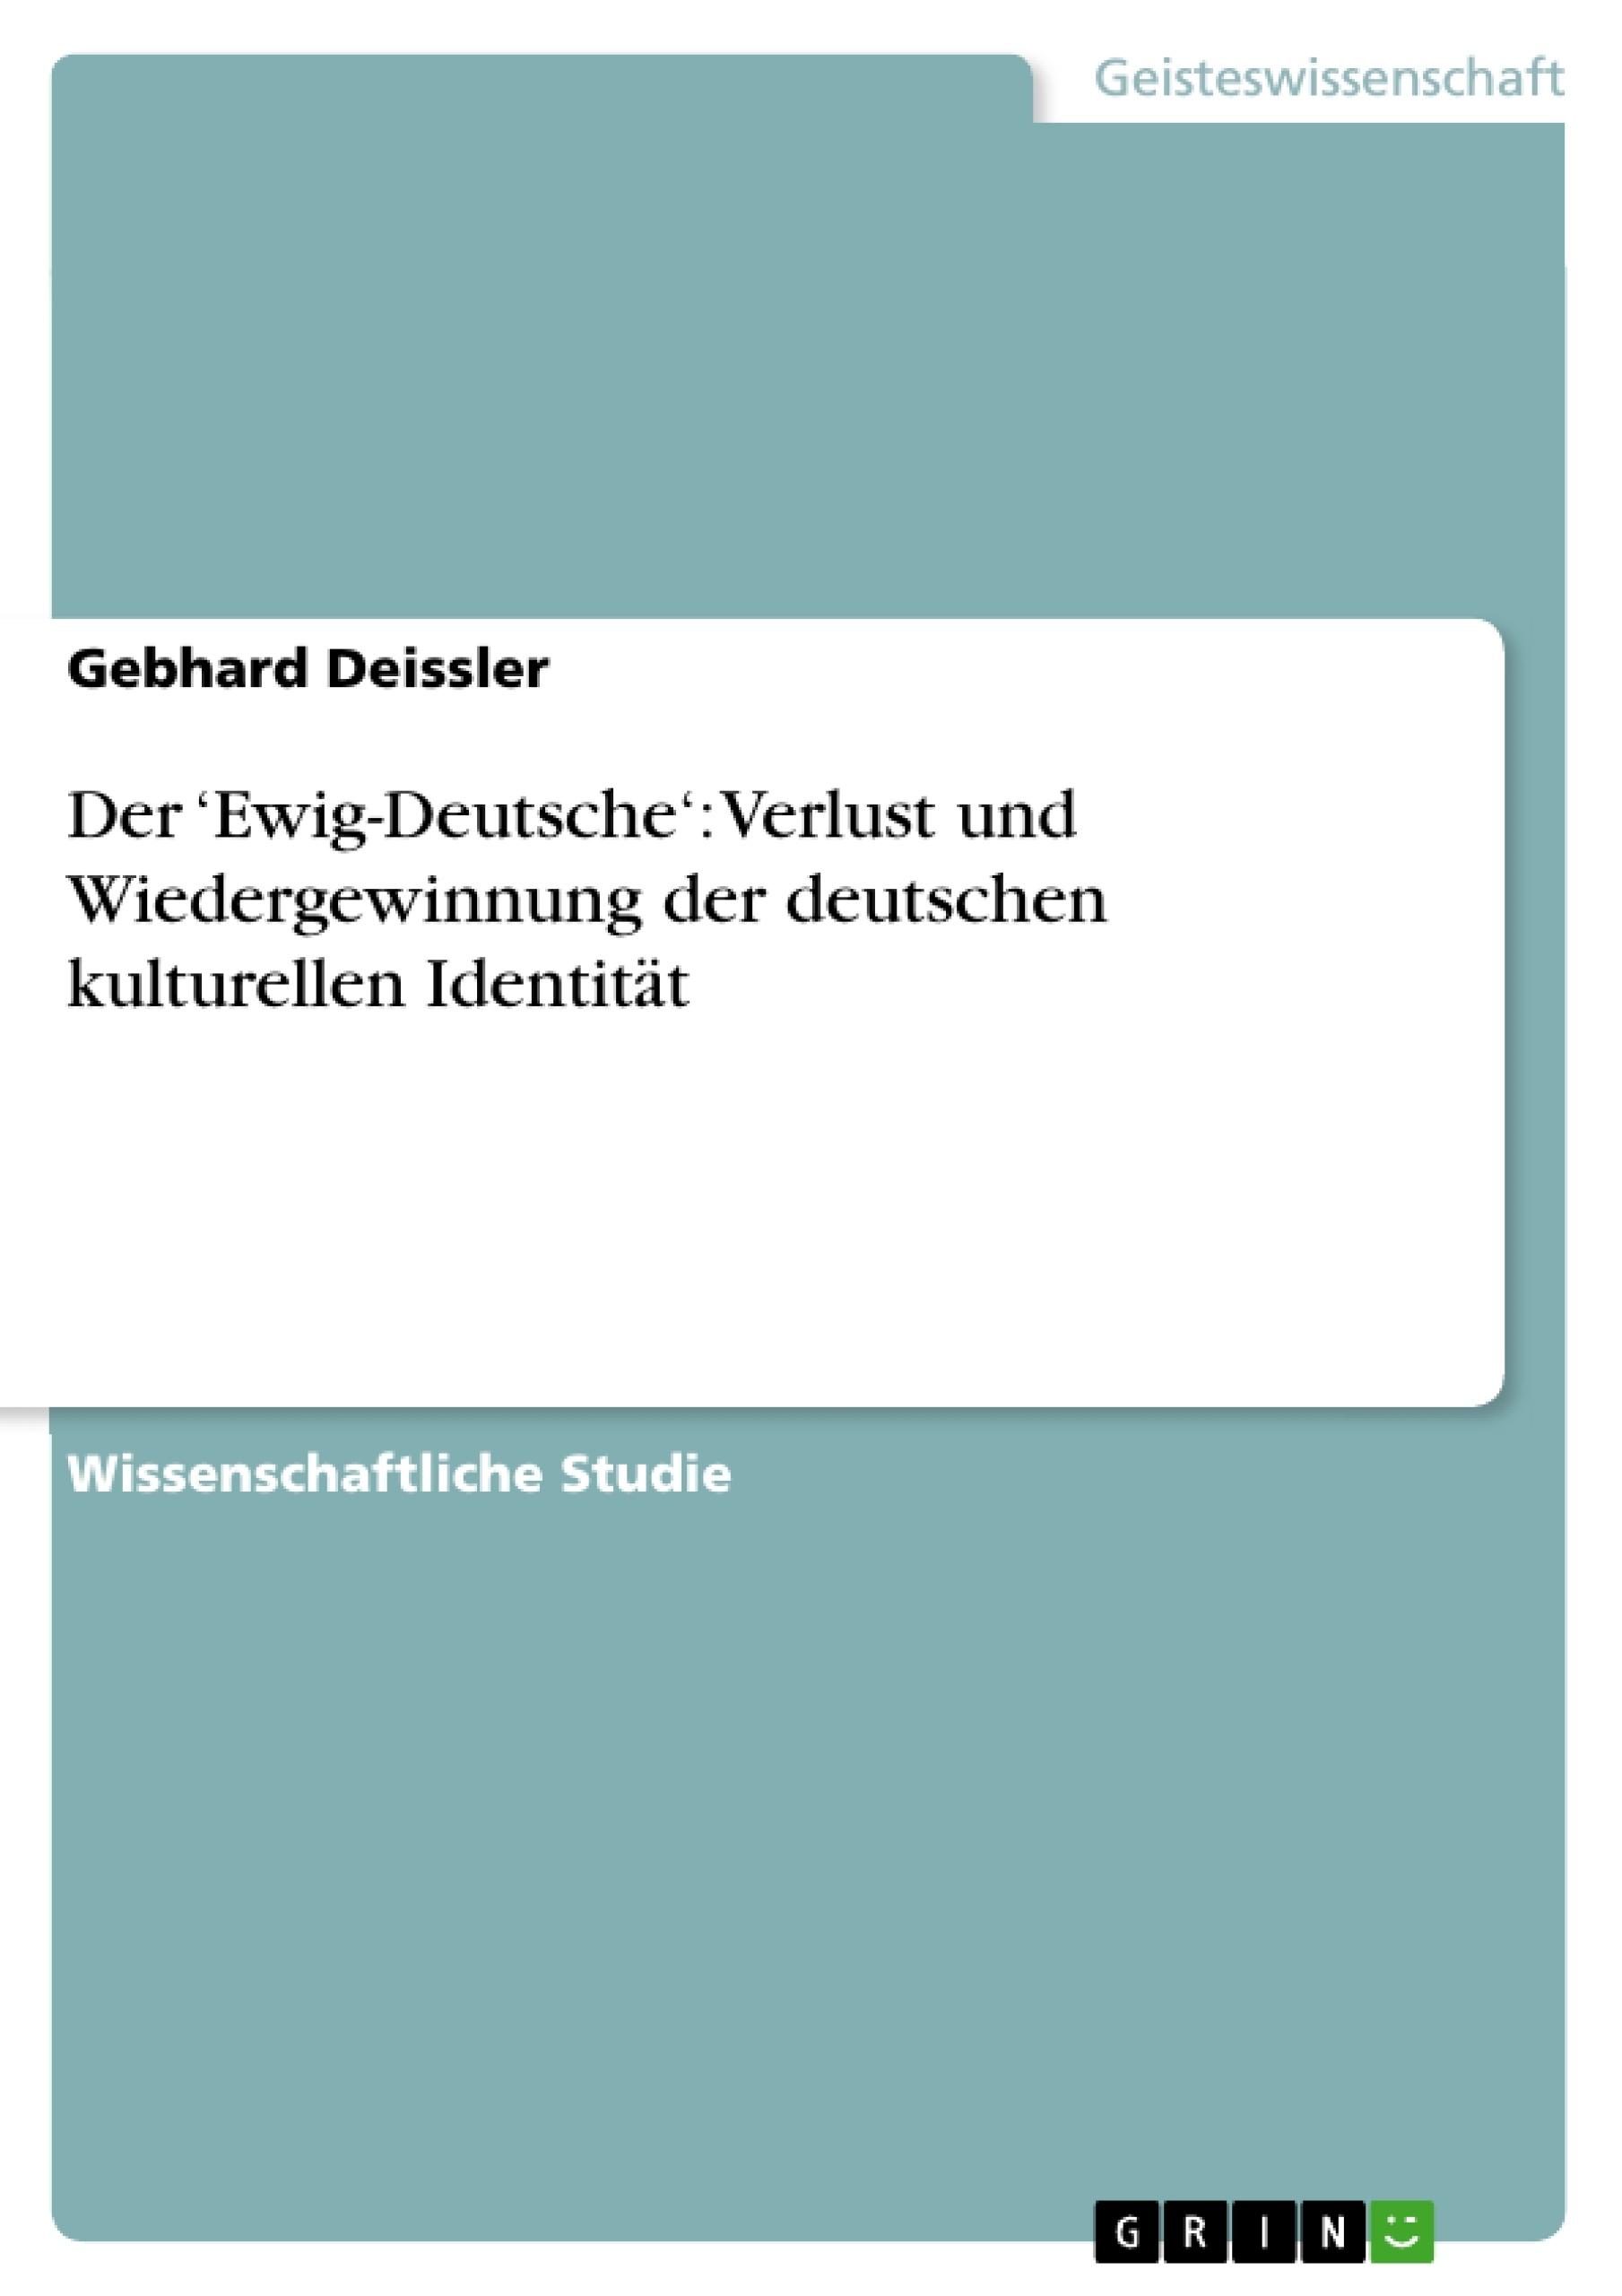 Titel: Der 'Ewig-Deutsche': Verlust und Wiedergewinnung der deutschen kulturellen Identität